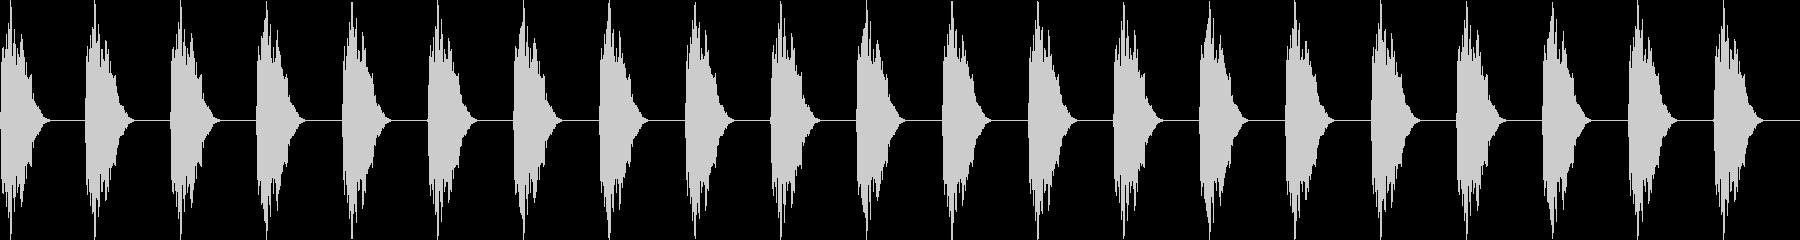 電子ミュートされた金属Pingin...の未再生の波形